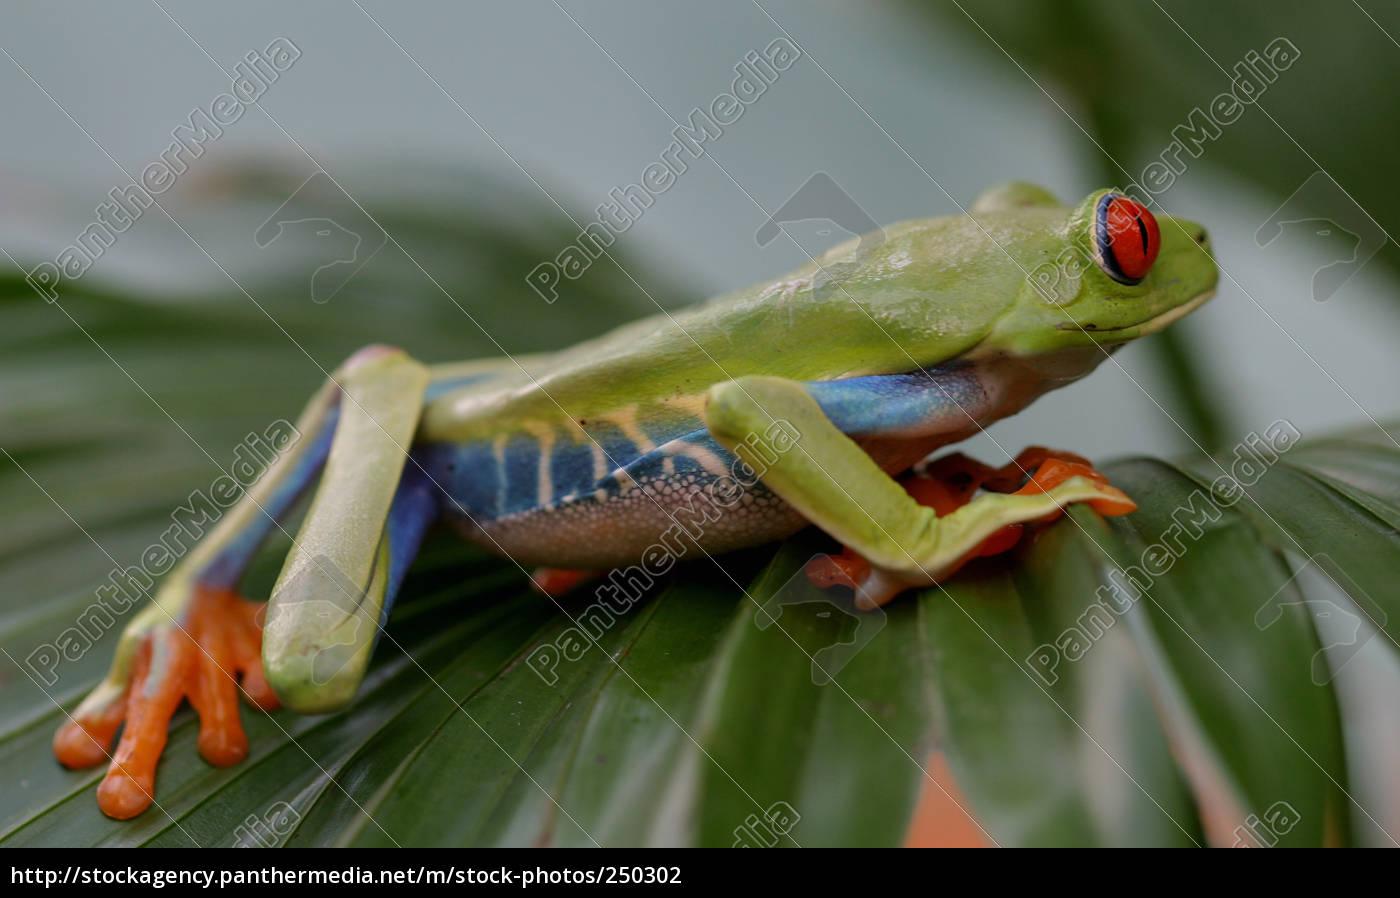 tree, frog, -, rotaugenlaubfrosch - 250302